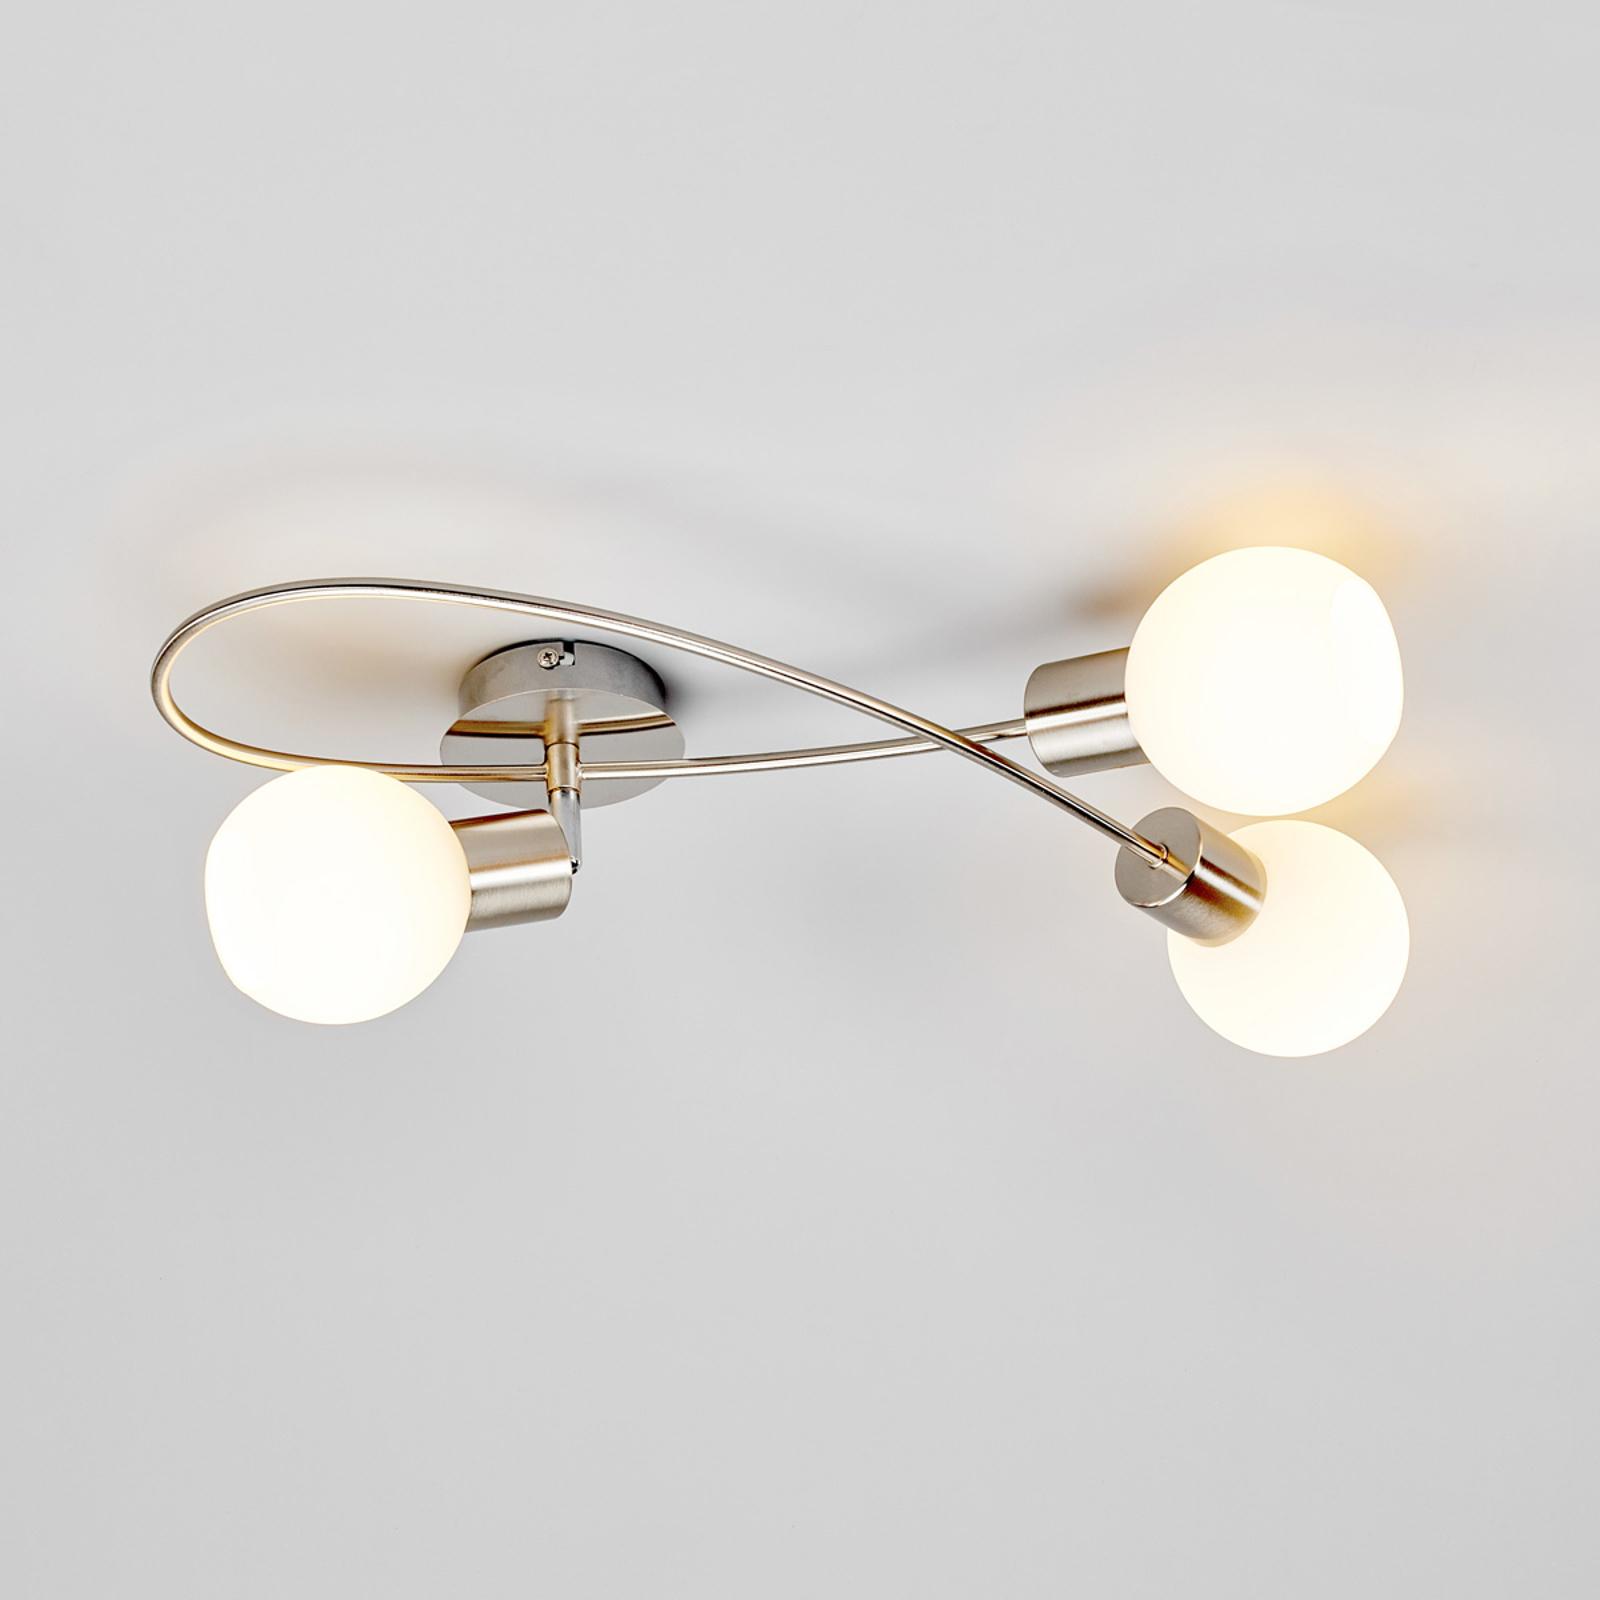 LED-Deckenleuchte Elaina 3fl länglich nickel matt